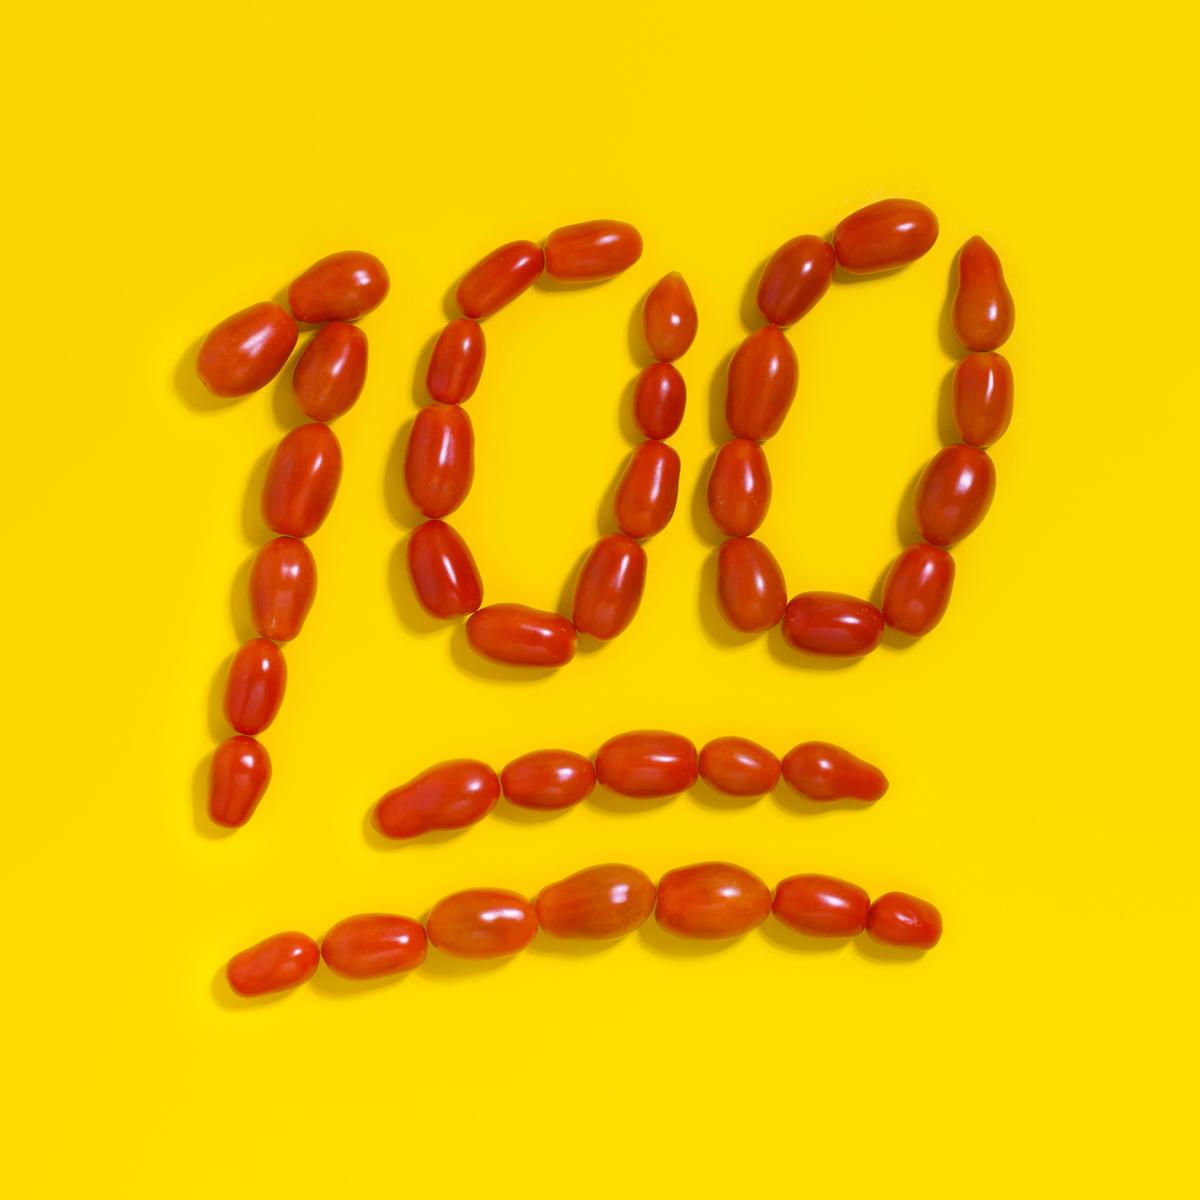 Food Emojis 💯 — Miachel Breton